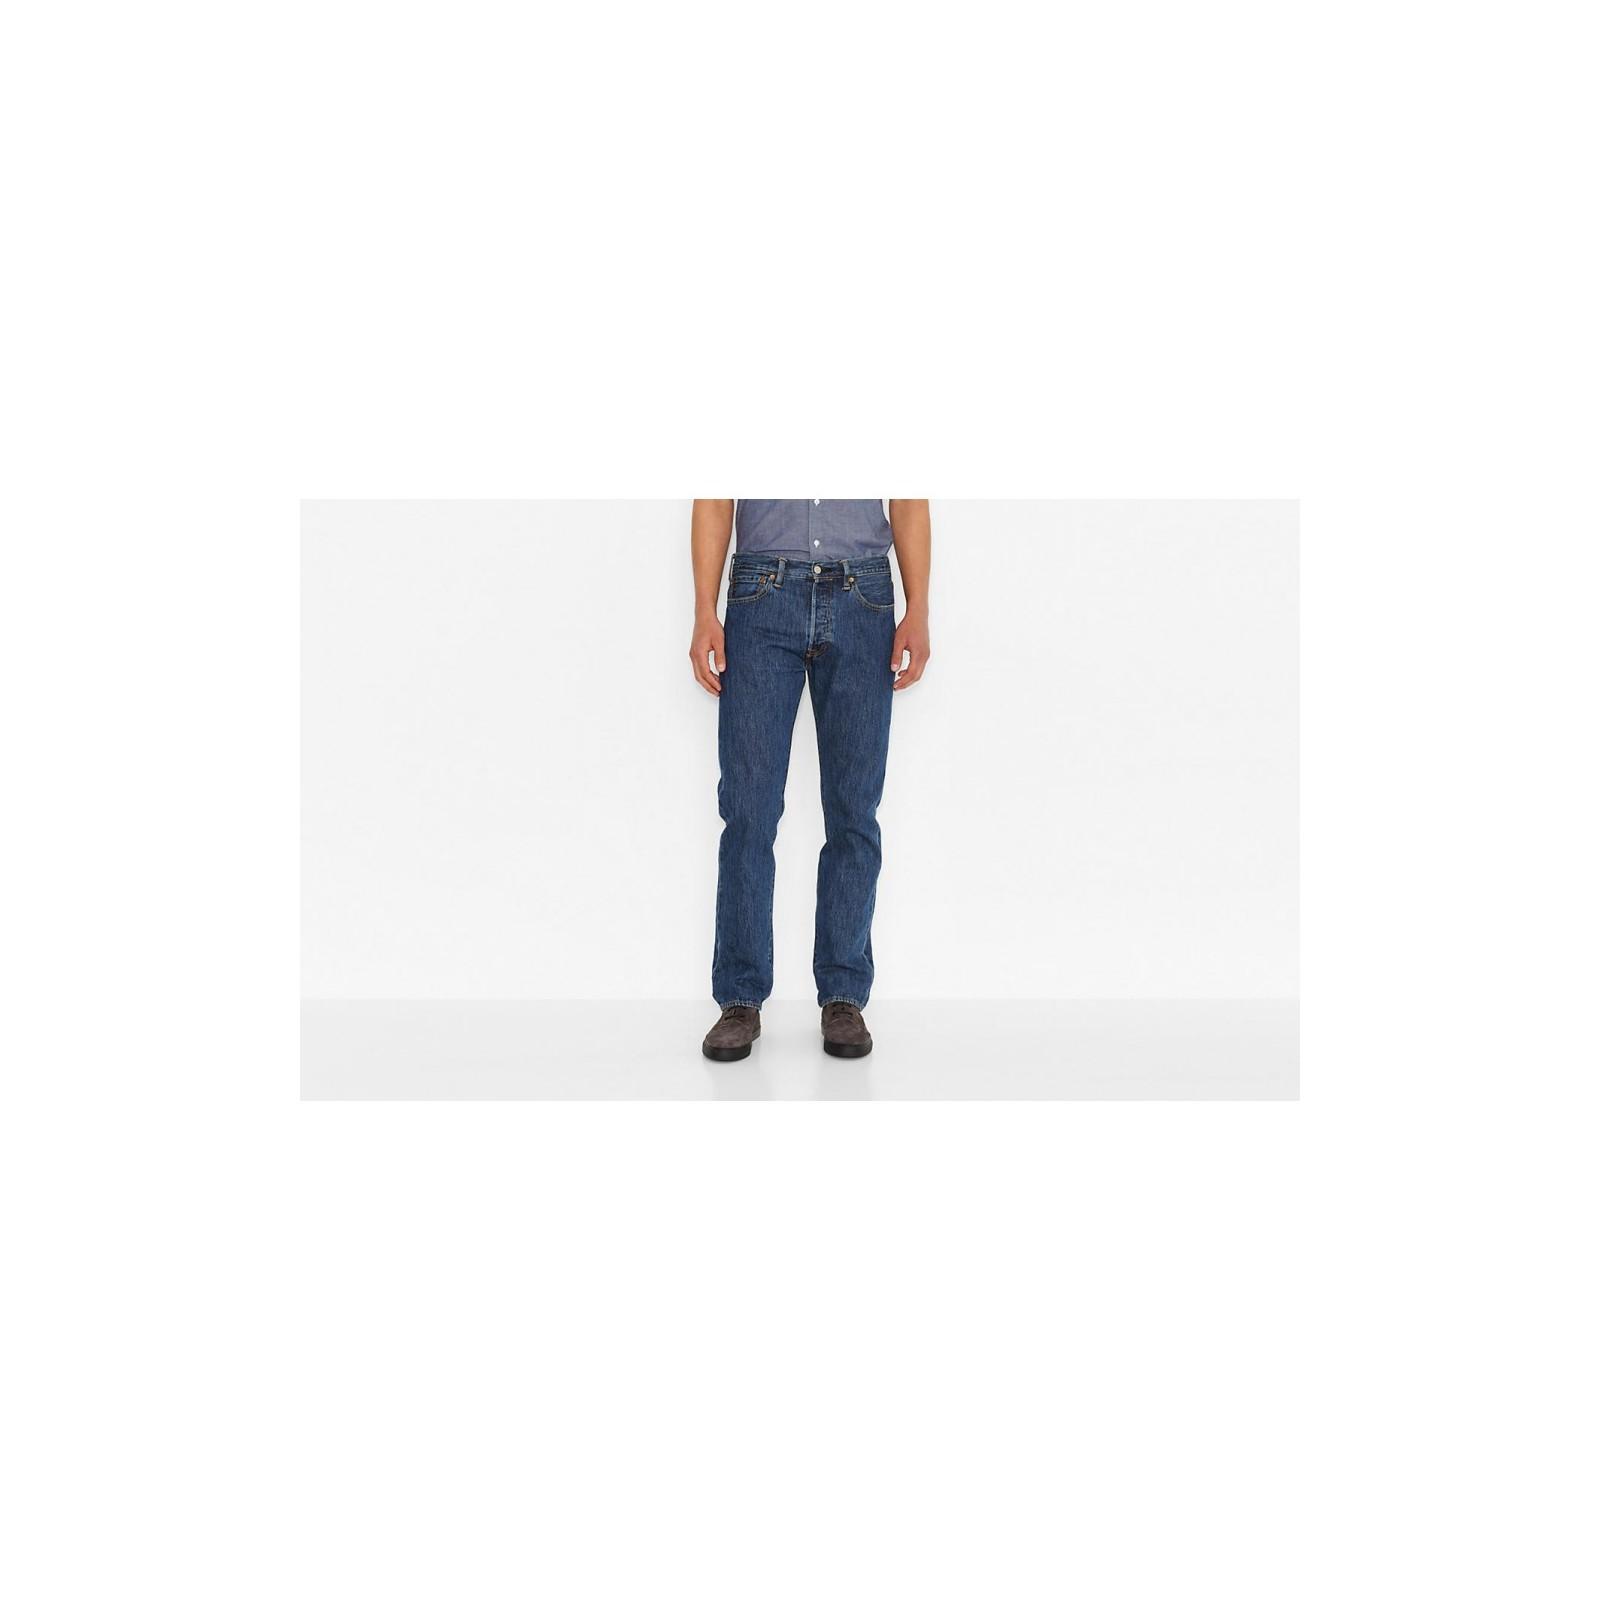 jeans homme levis 501 01 14j stone habiz. Black Bedroom Furniture Sets. Home Design Ideas